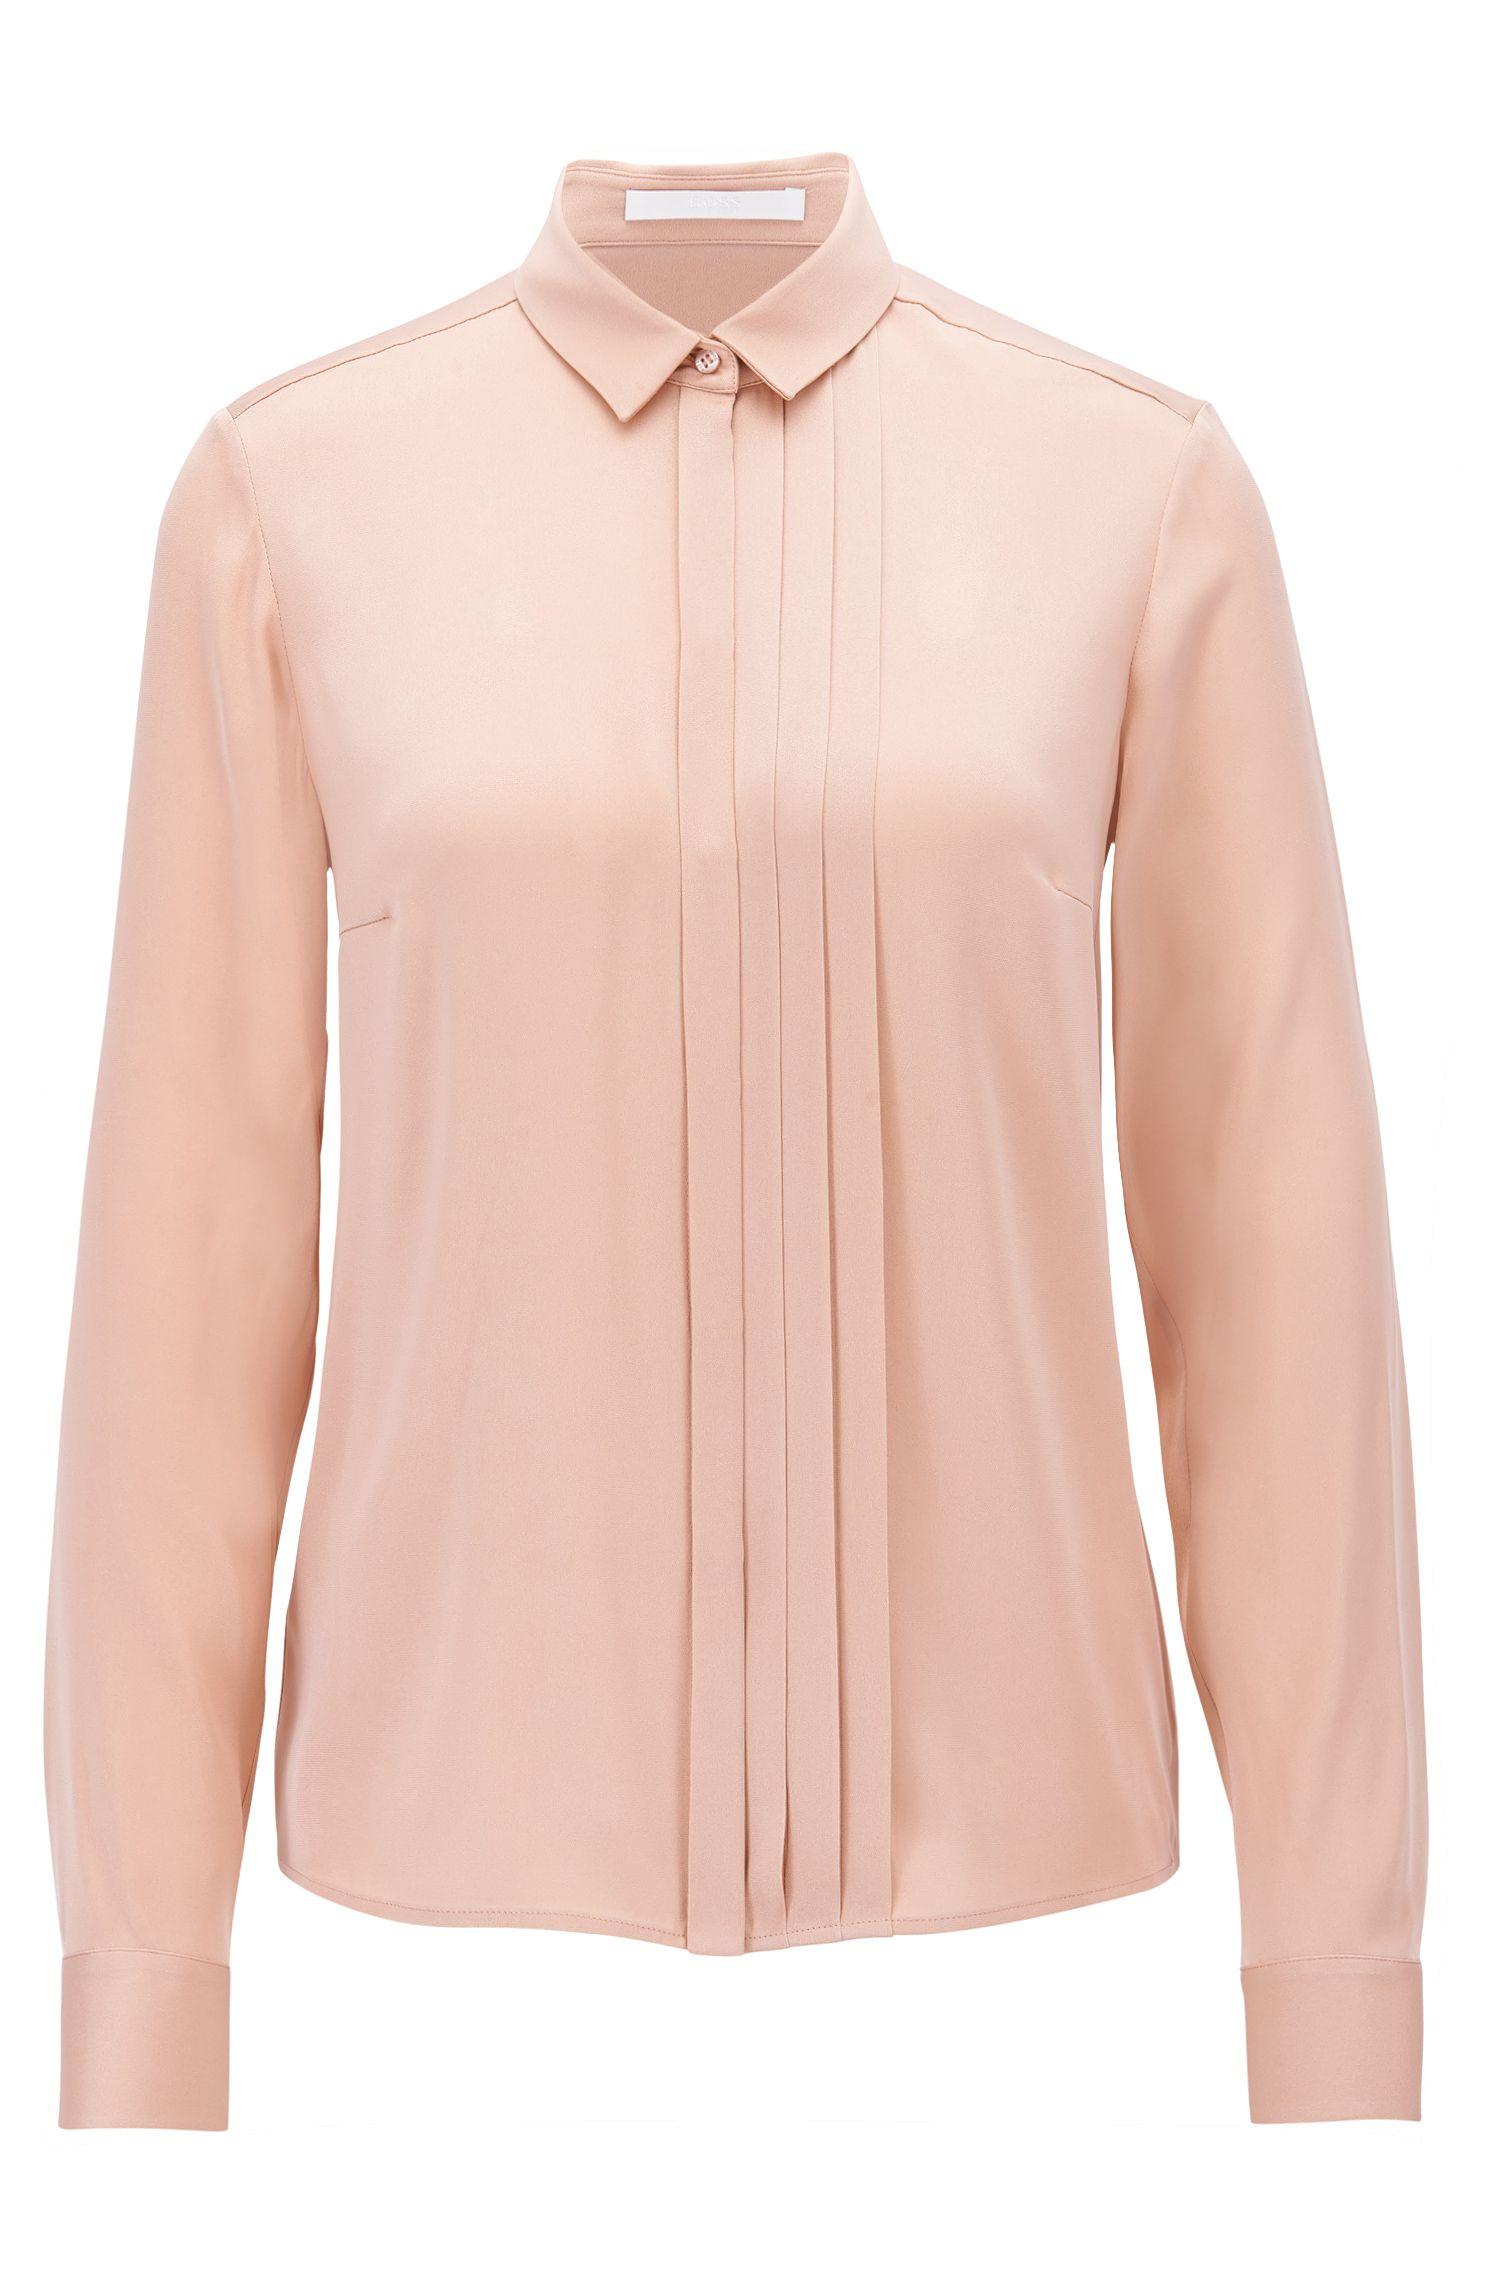 Standard-fit blouse in stretch silk: 'Bedina1'